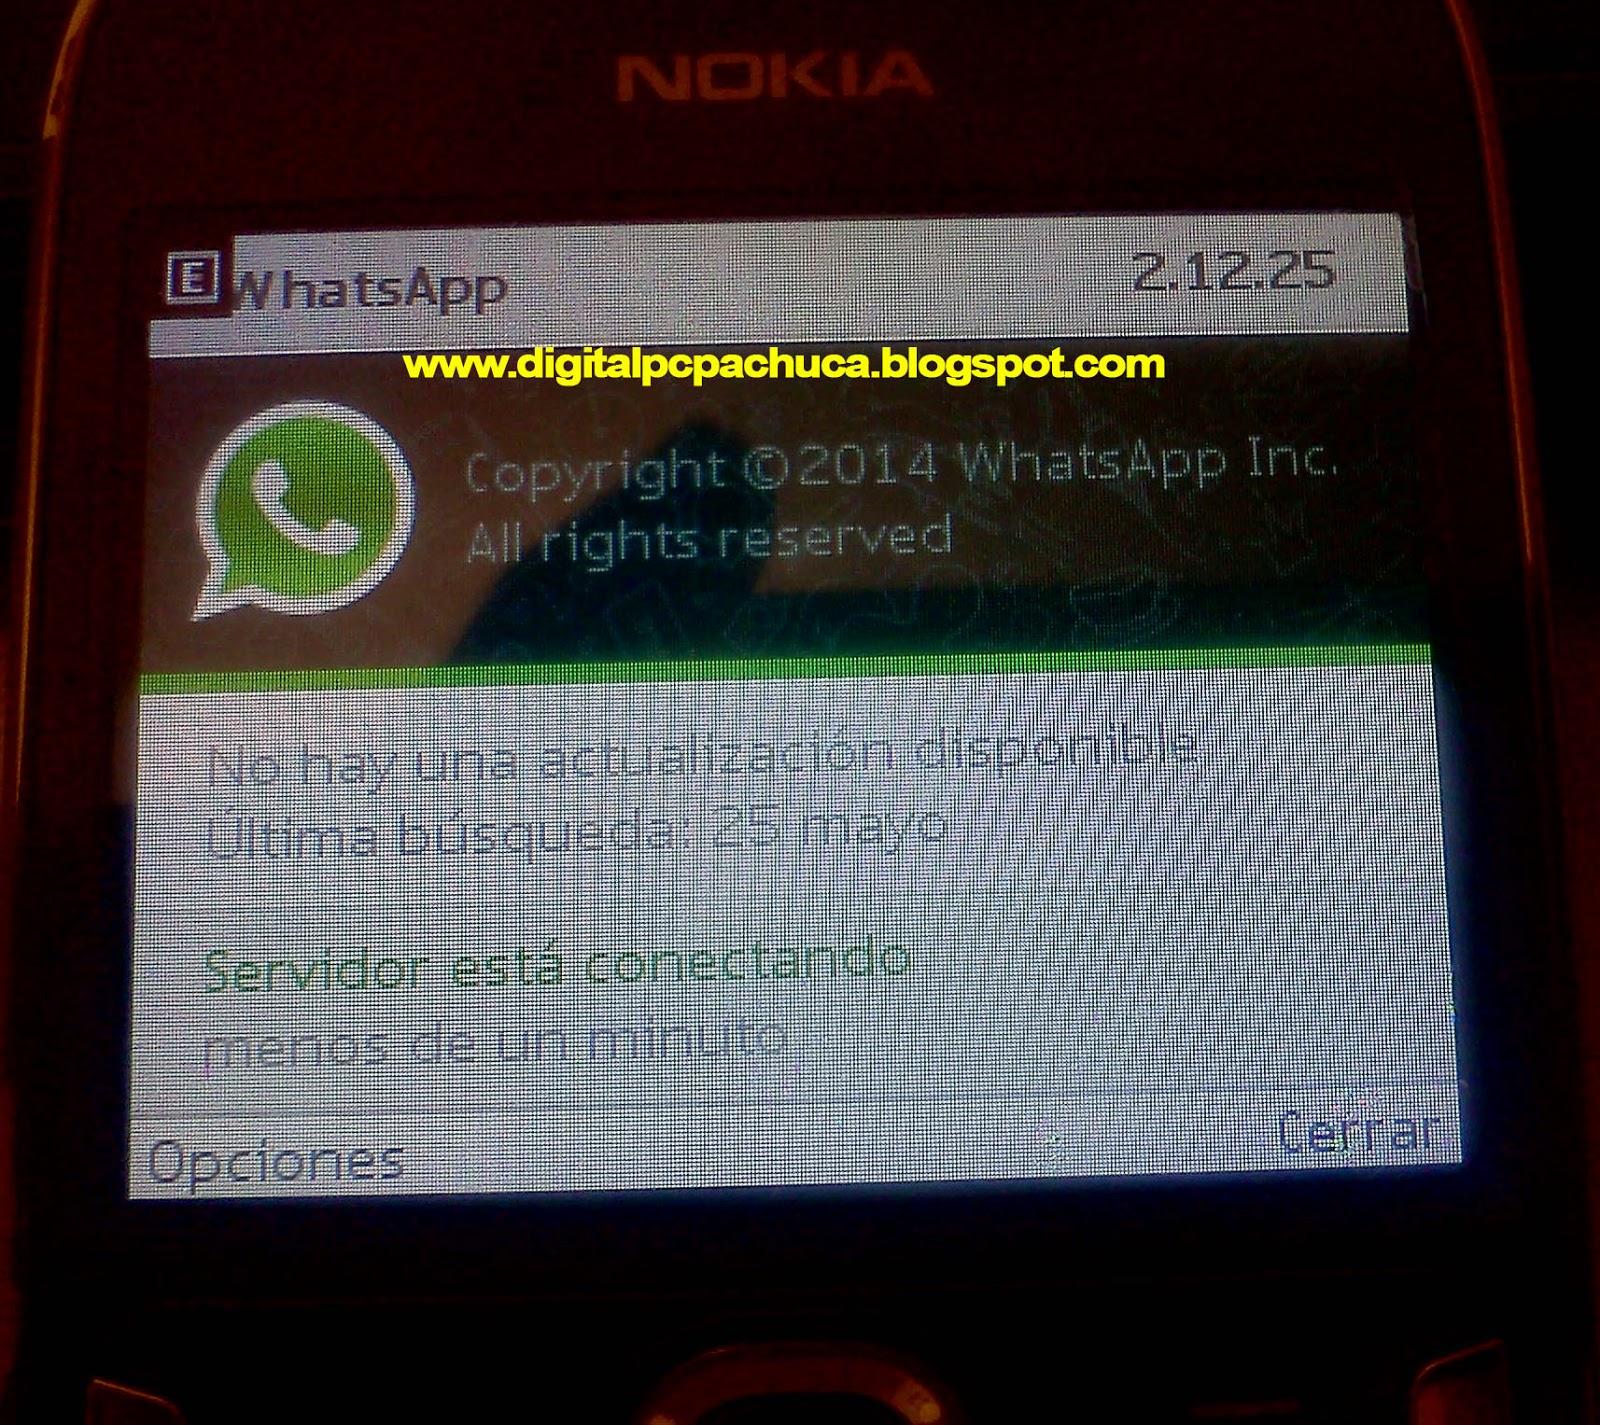 whatsapp 2.12.25 en nokia asha s40